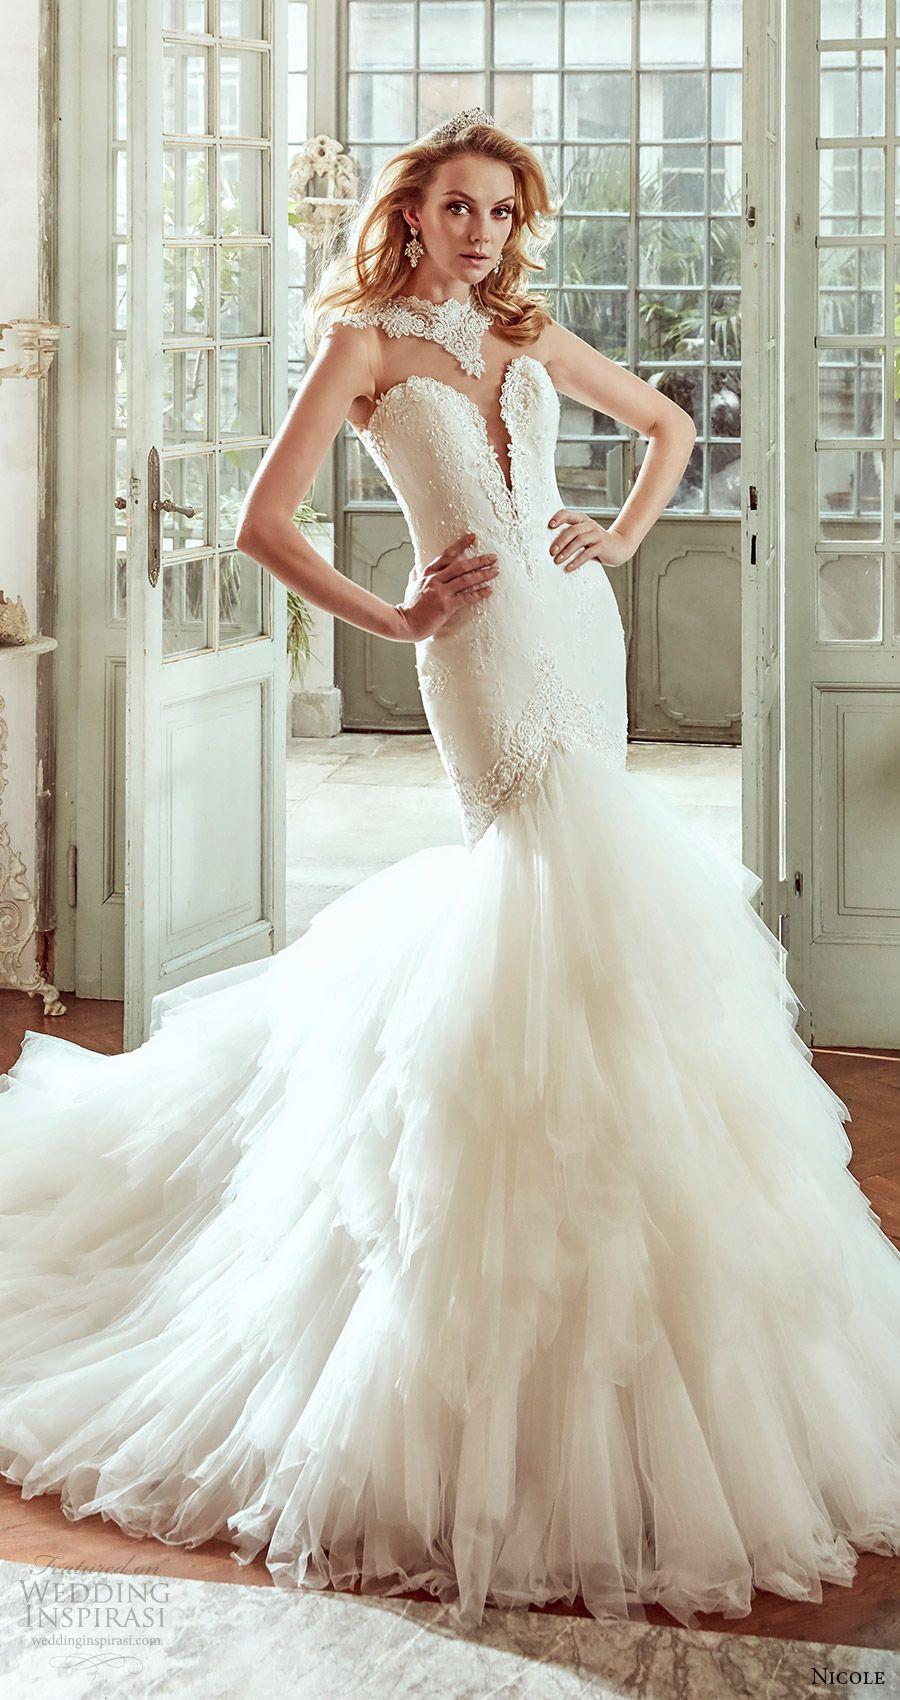 Nicole wedding dresses wedding dress weddings and wedding